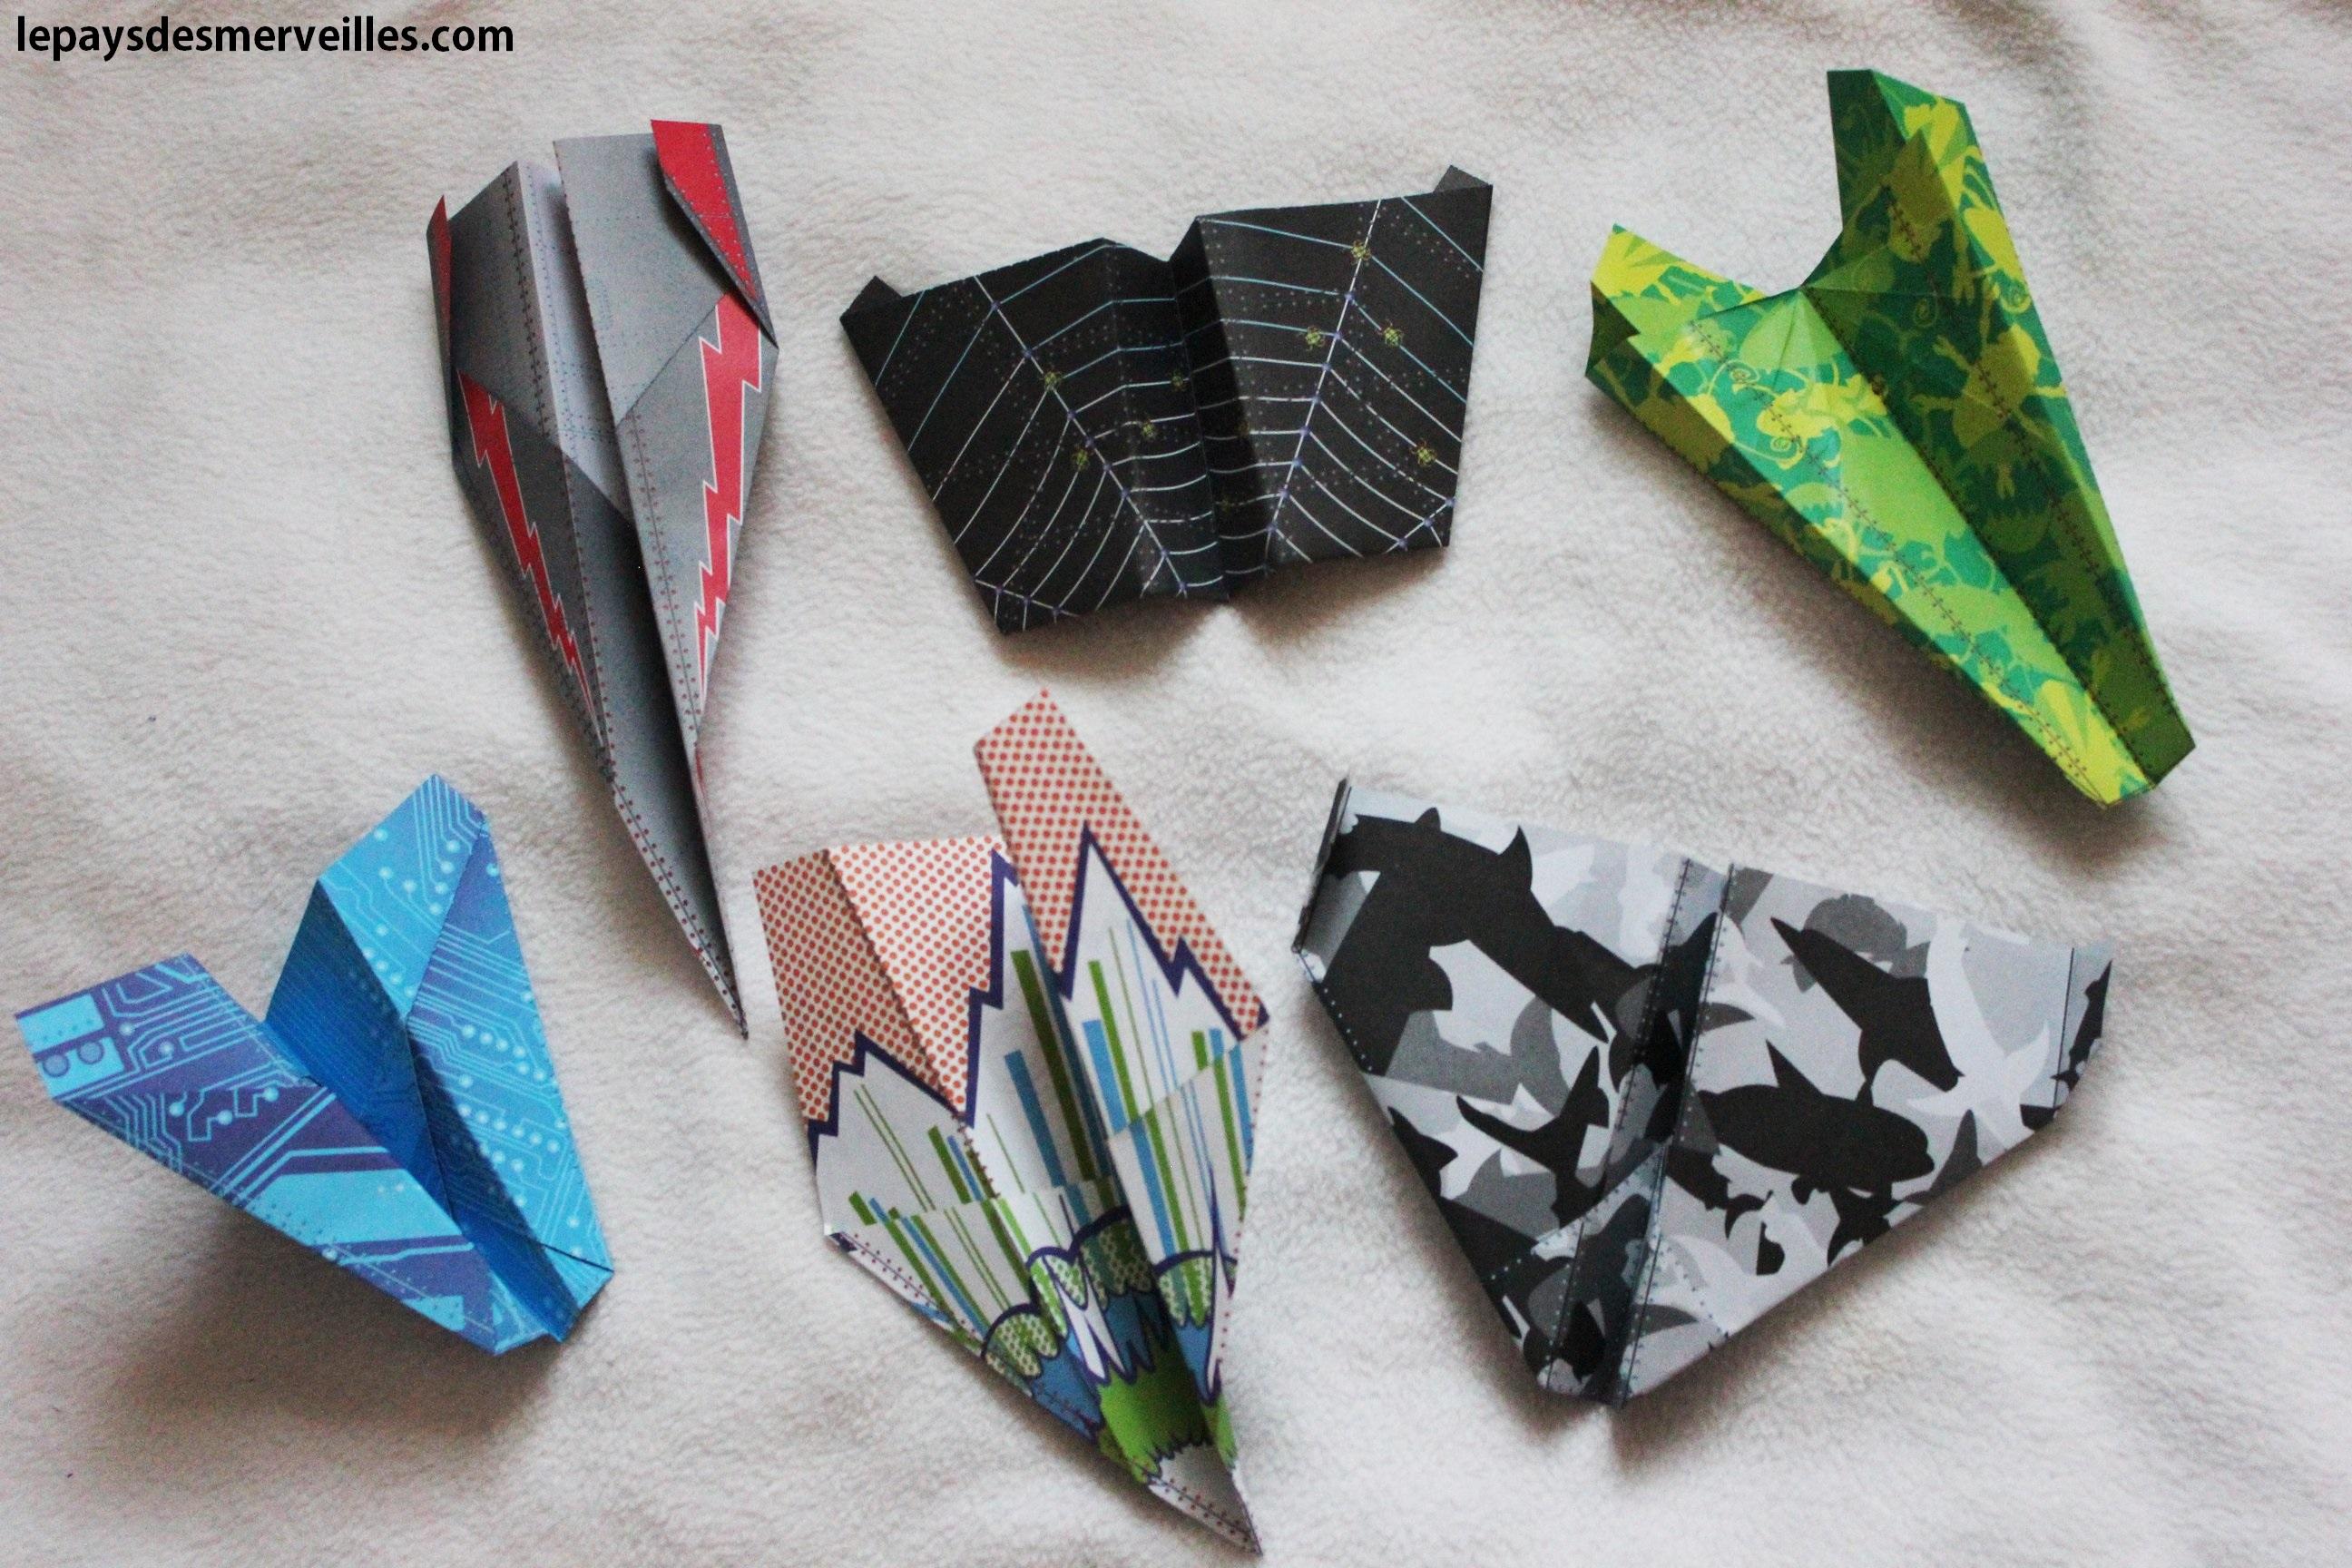 200 avions en papier plier et faire voler le pays des merveilles. Black Bedroom Furniture Sets. Home Design Ideas